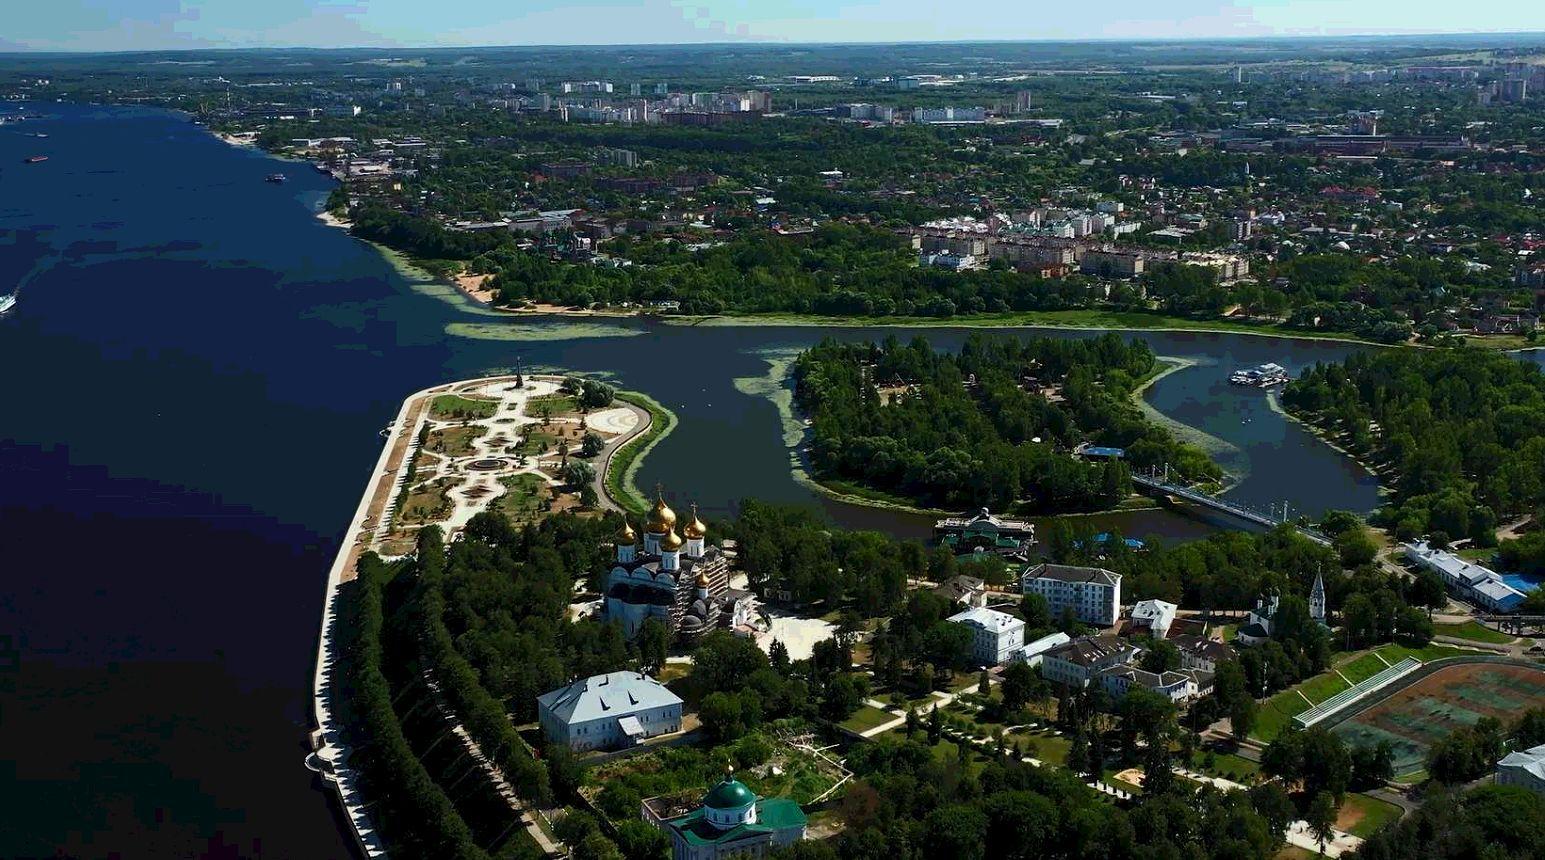 Развитие Ярославской области в ближайшие годы сегодня стало темой встречи губернатора Дмитрия Миронова с депутатами